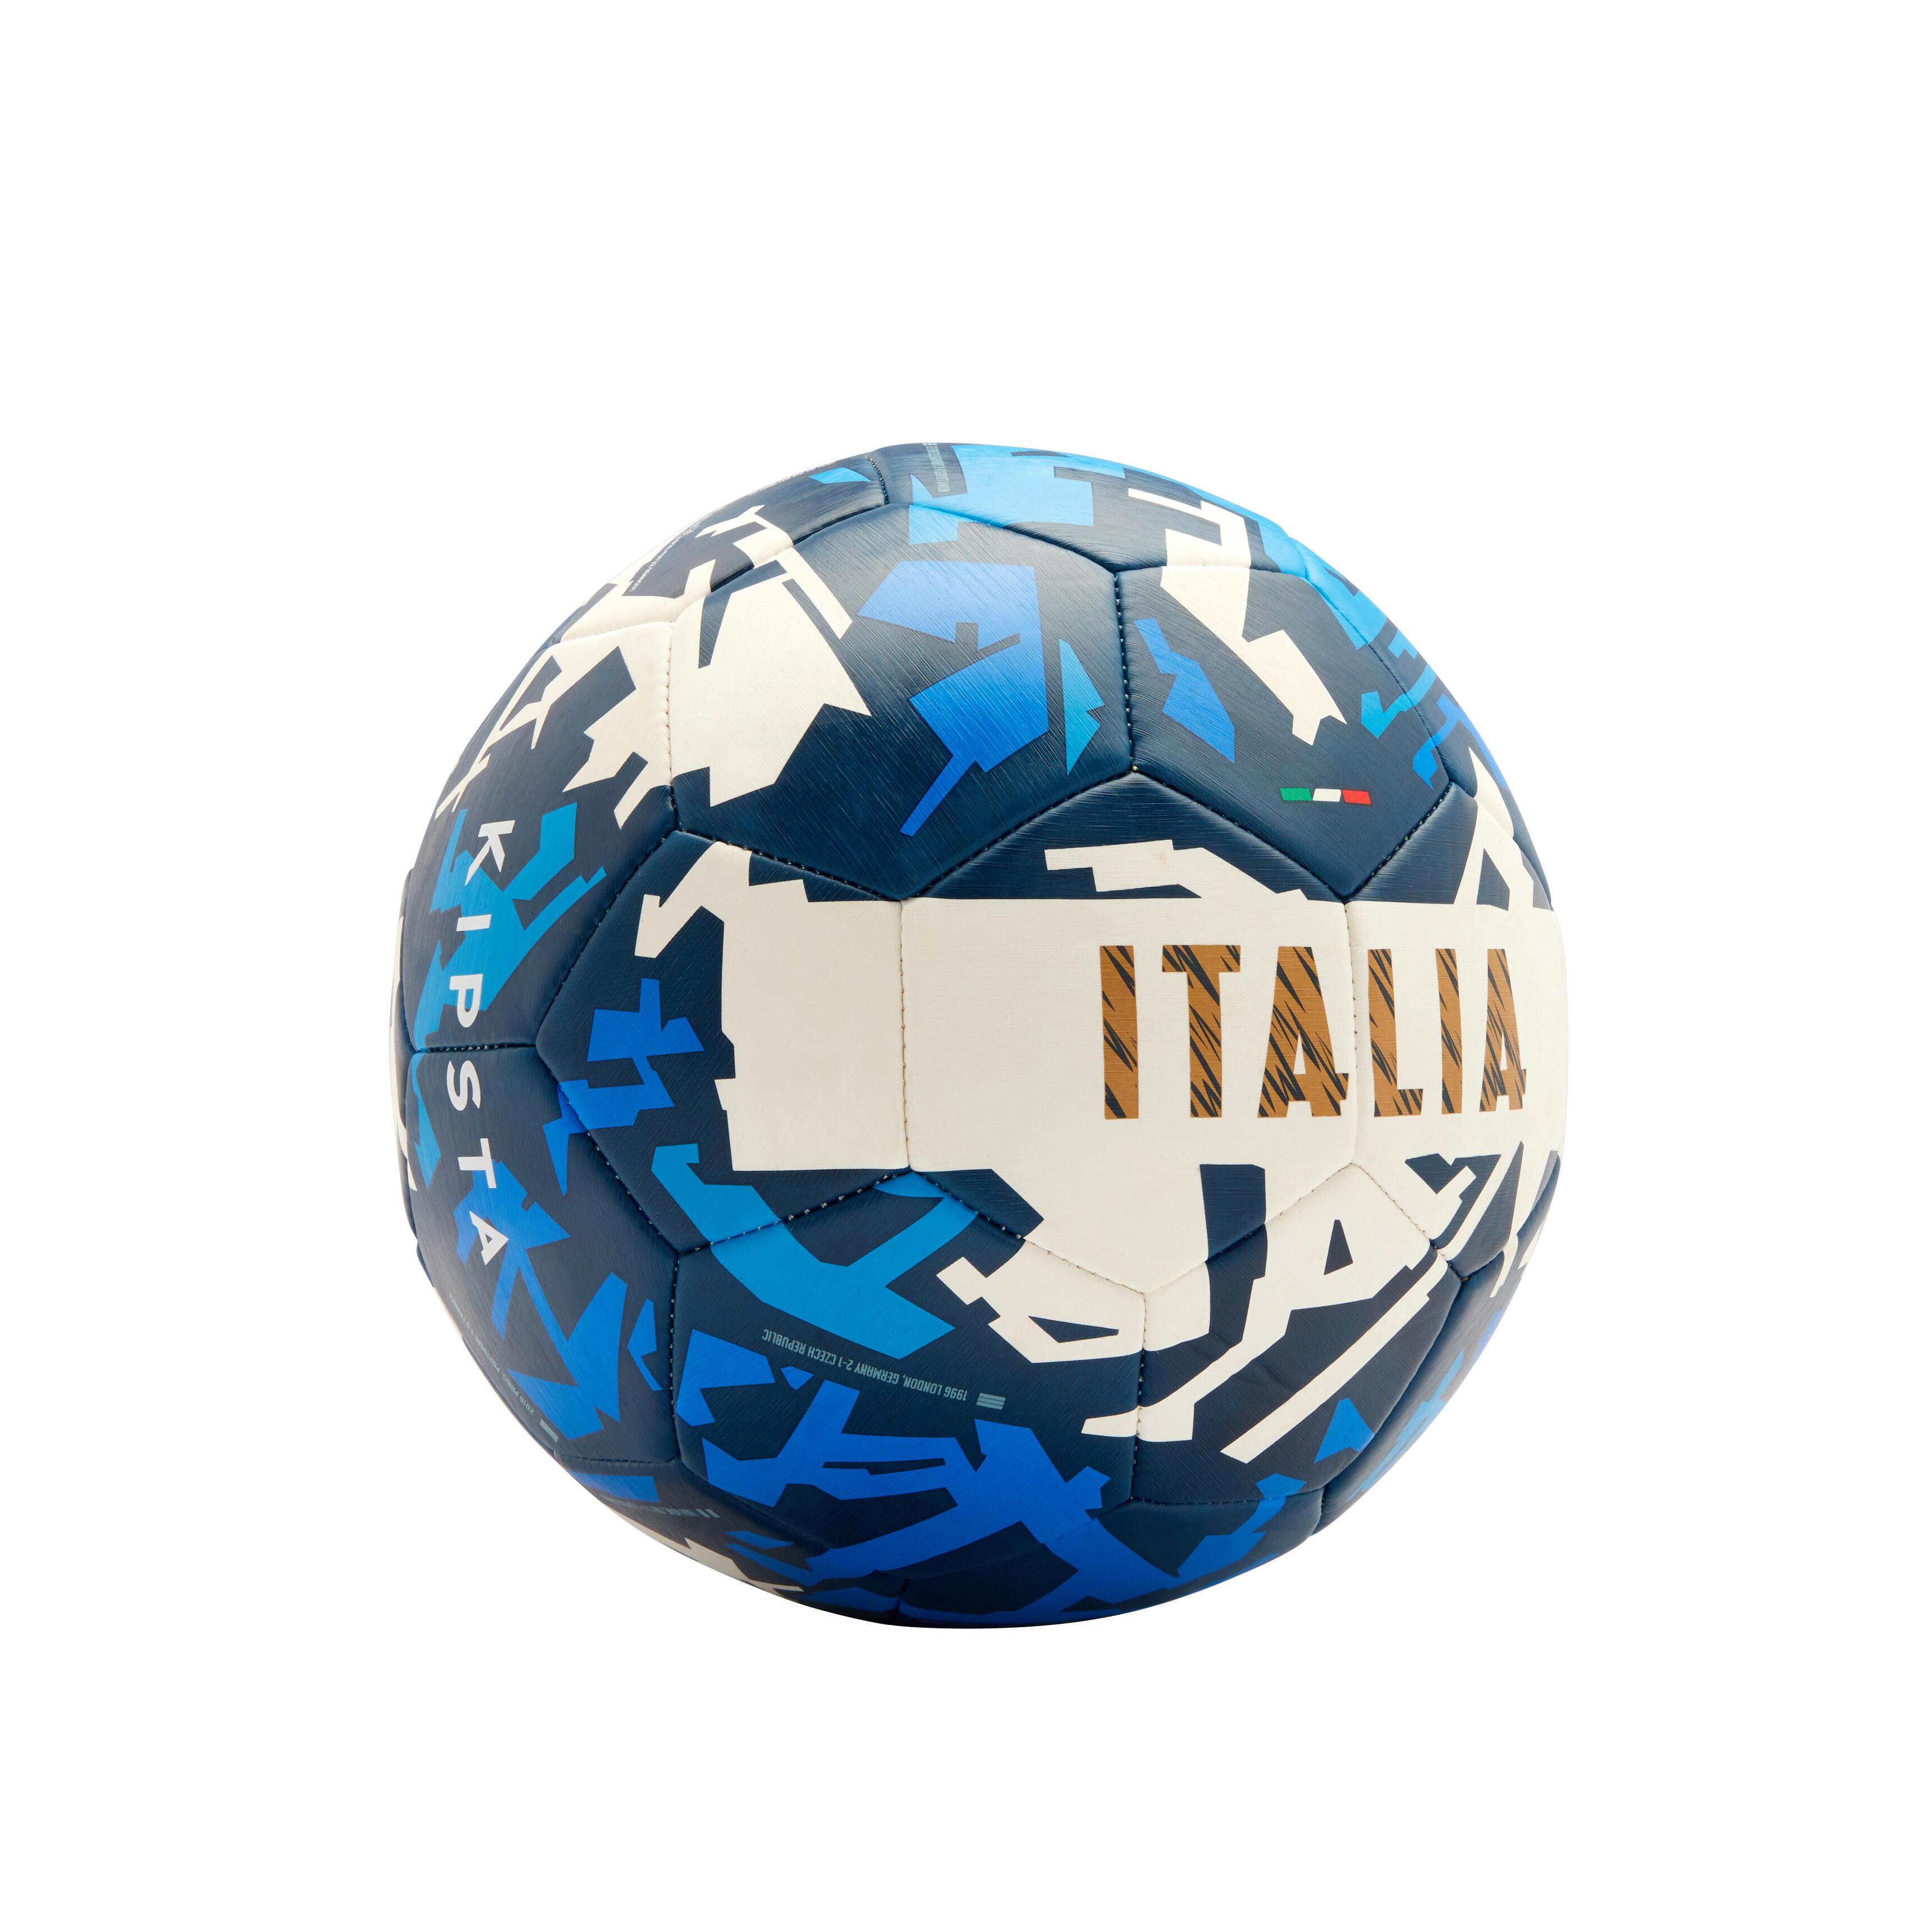 Minge Italia 2020 S5 la Reducere poza